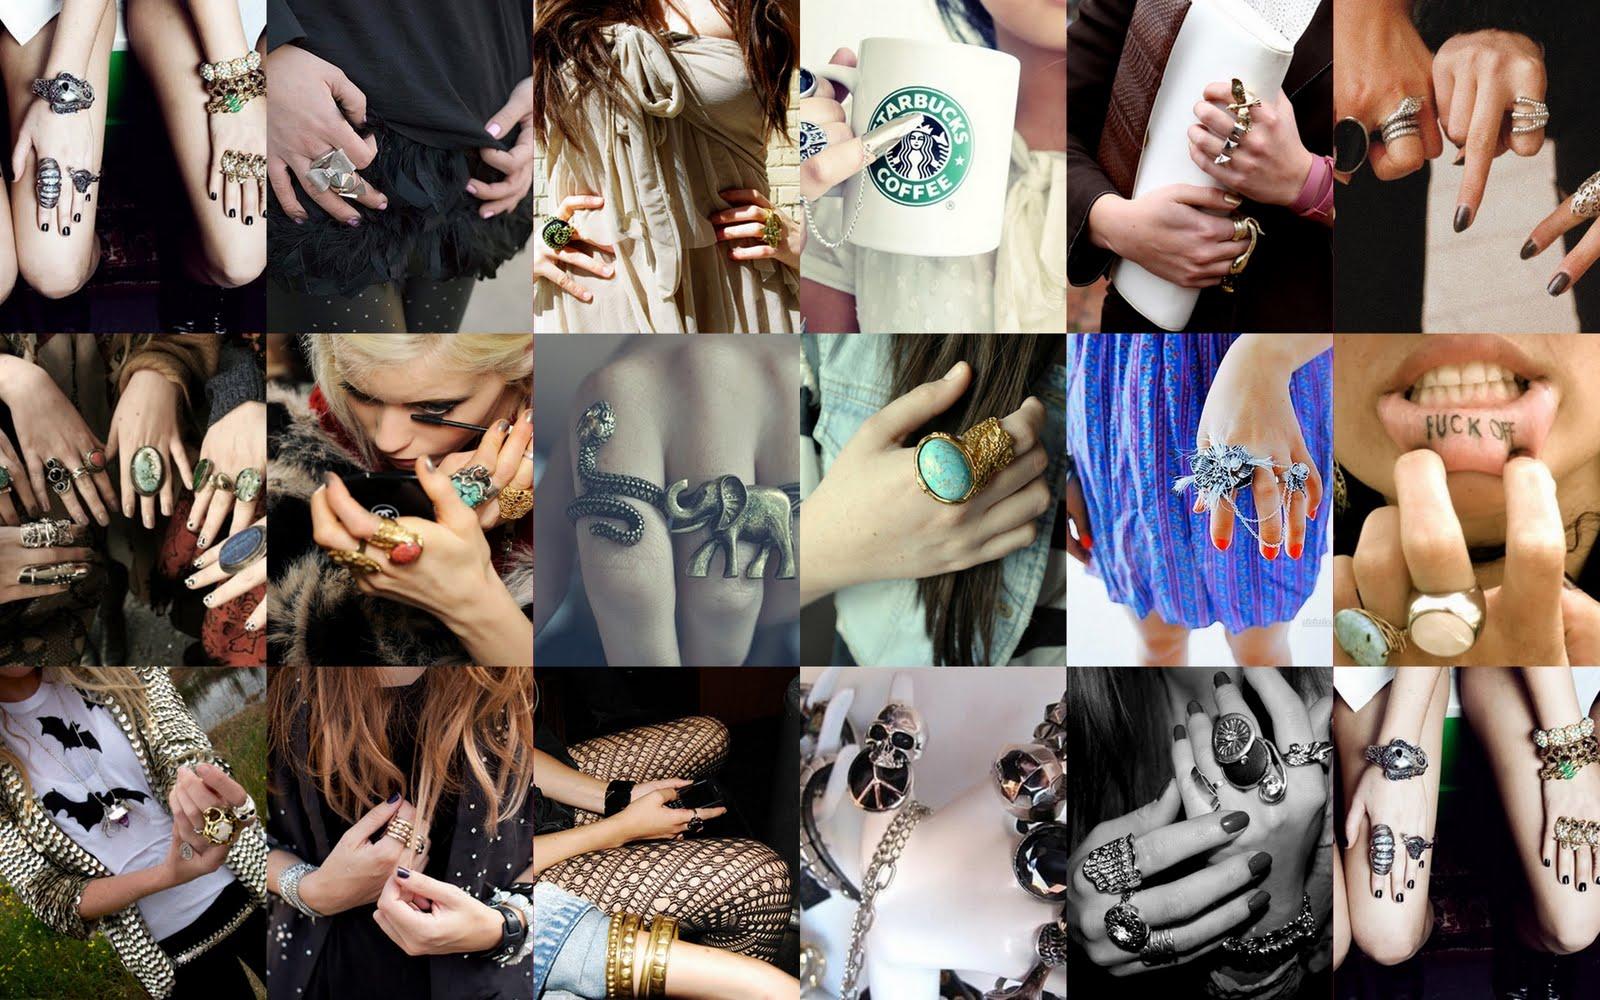 http://3.bp.blogspot.com/-pix-eTw3V3A/Tb18LZ8GIAI/AAAAAAAAAmA/O0kBBcQdL1M/s1600/achtergronden.jpg